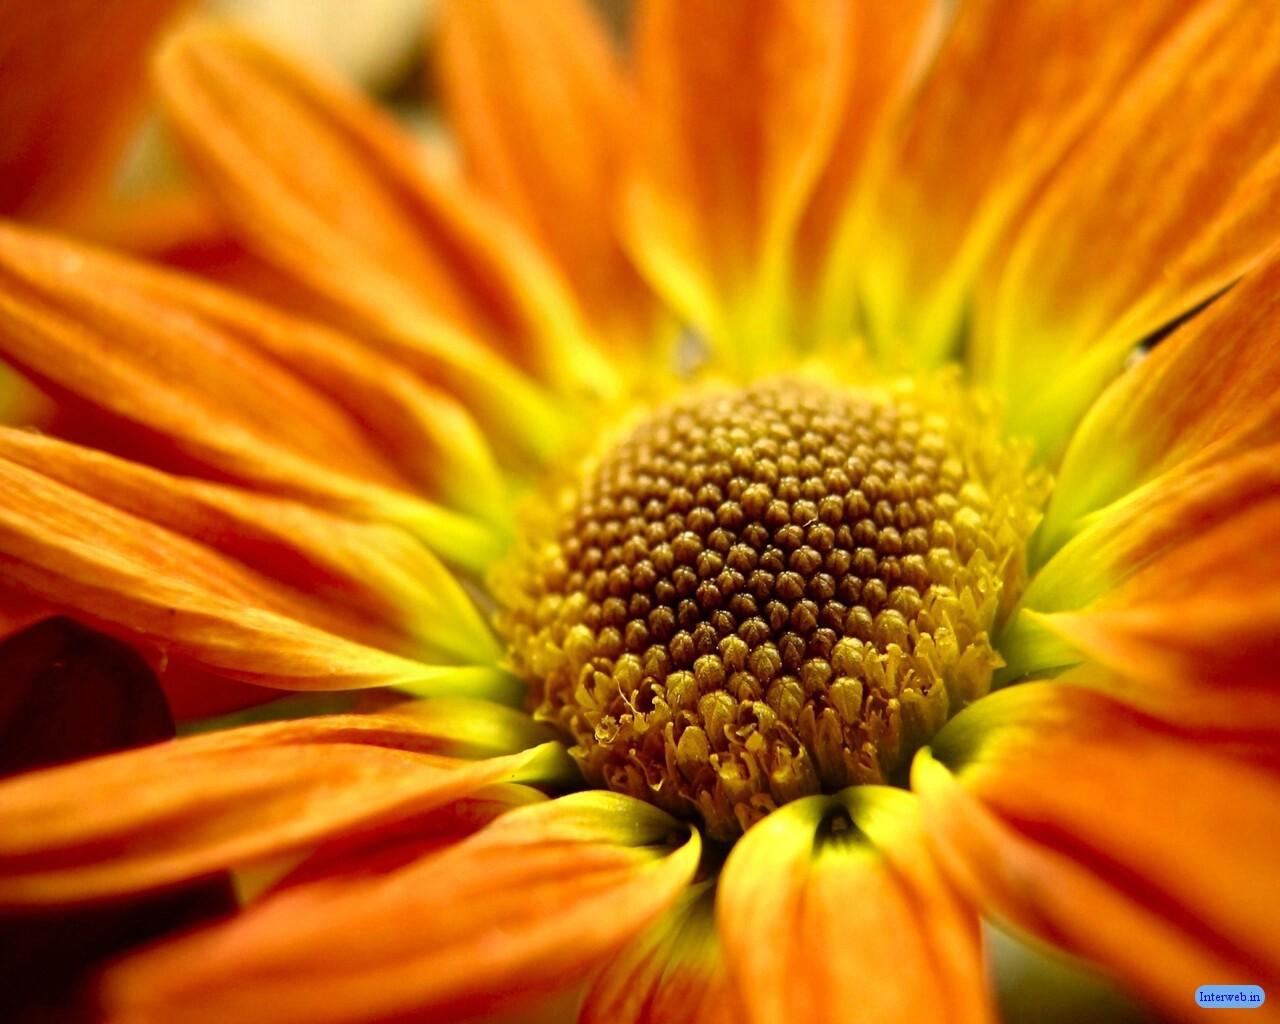 http://2.bp.blogspot.com/-uvcf1T-vfR8/T_8ZcYvuU0I/AAAAAAAADlg/qkjmicRLghc/s1600/Nature+desktop+wallpaper.jpg